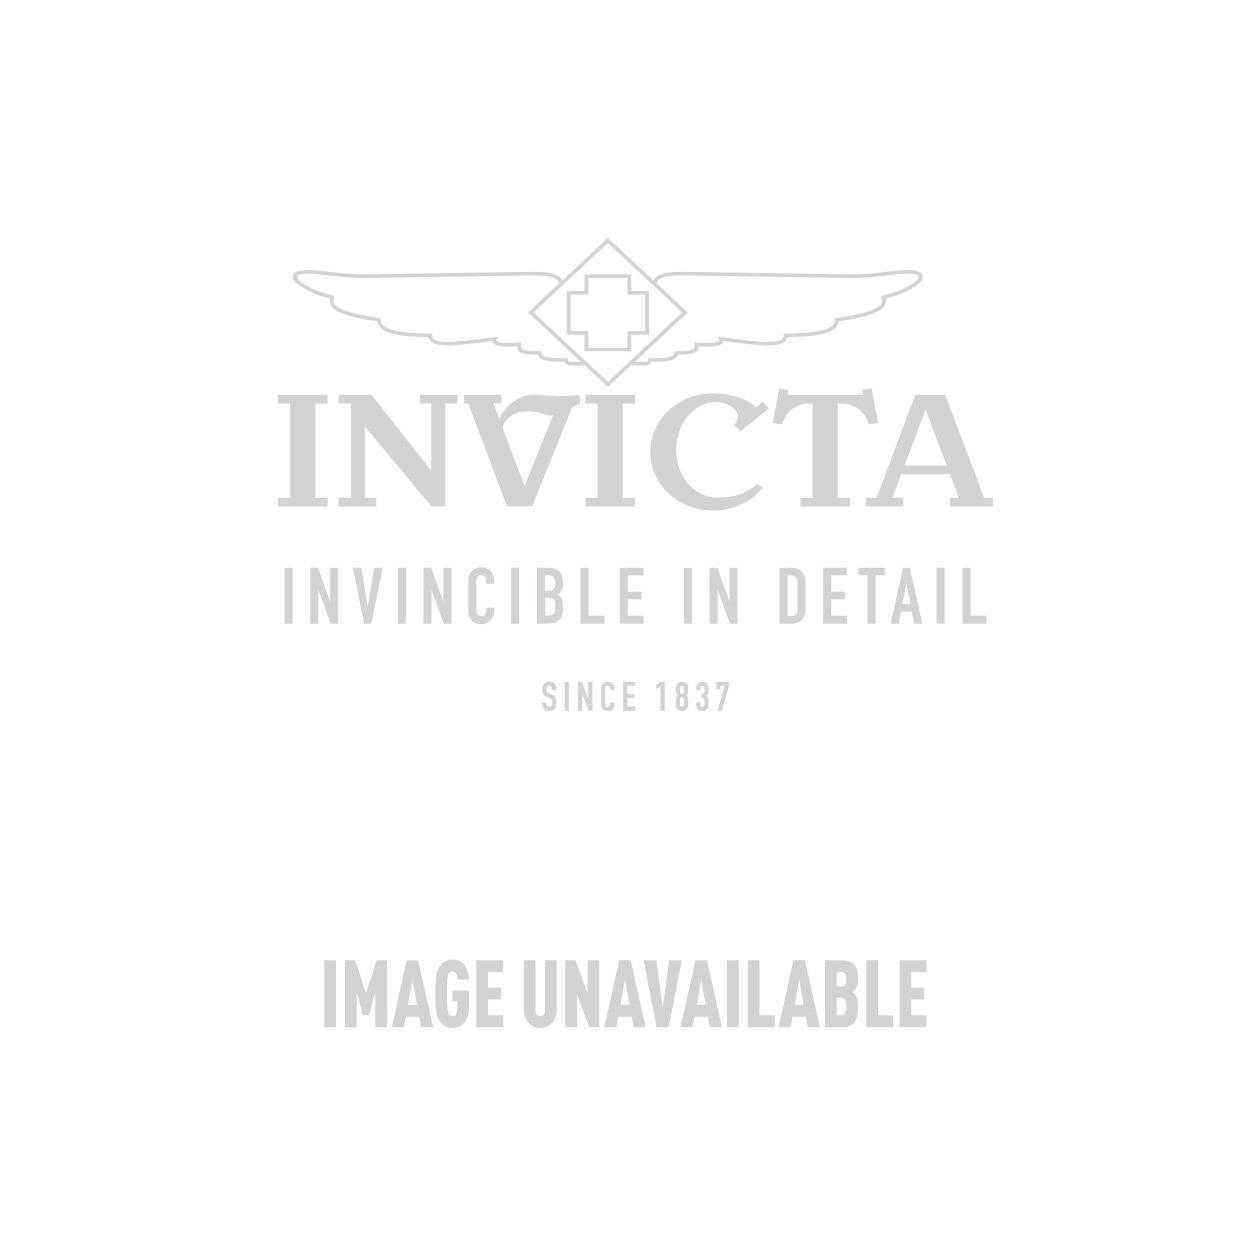 Invicta Model 25482